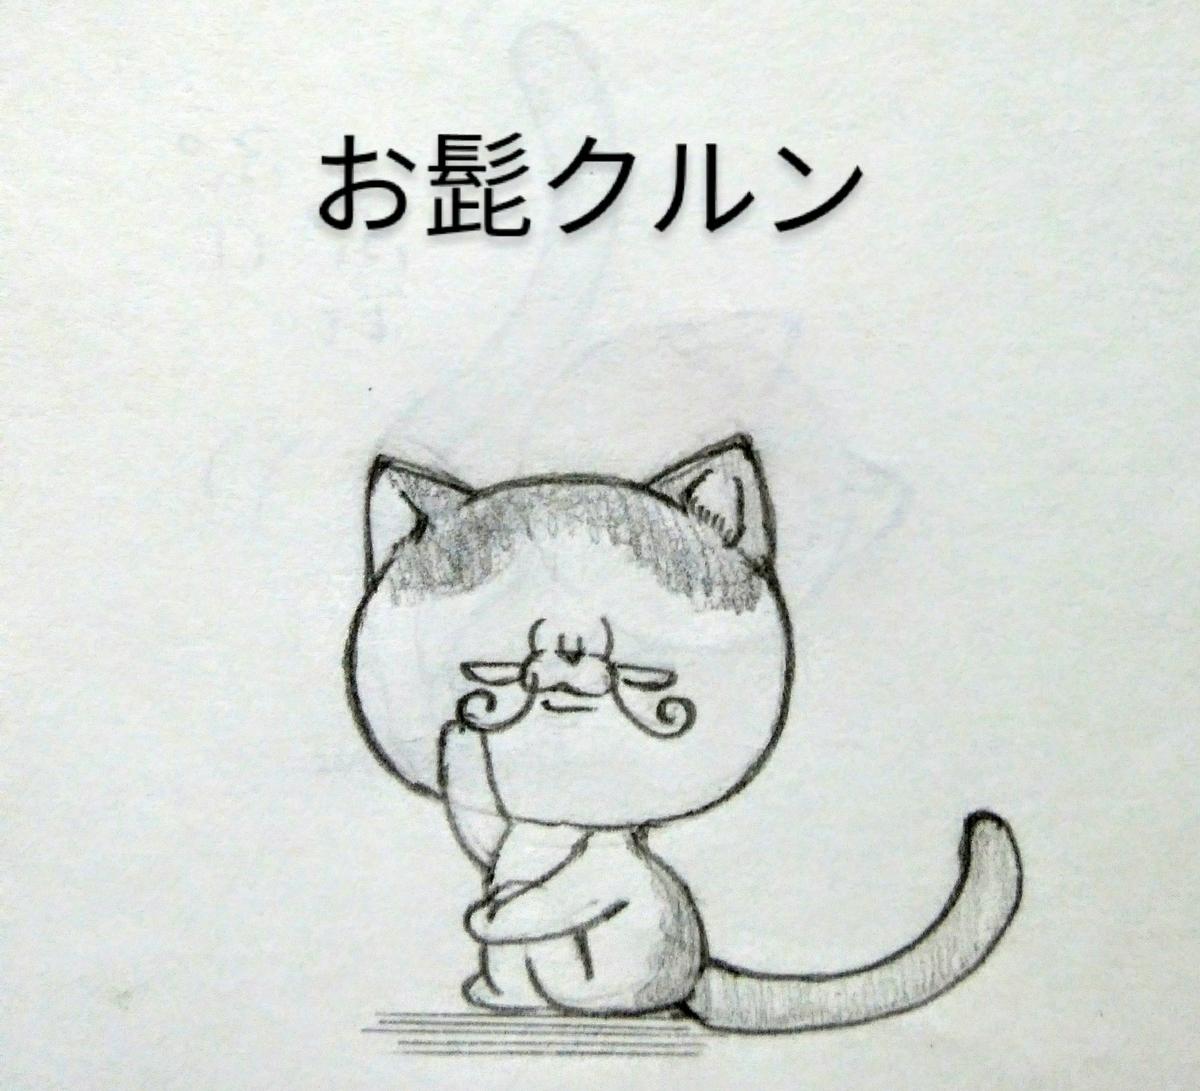 f:id:maricats:20200815104609j:plain